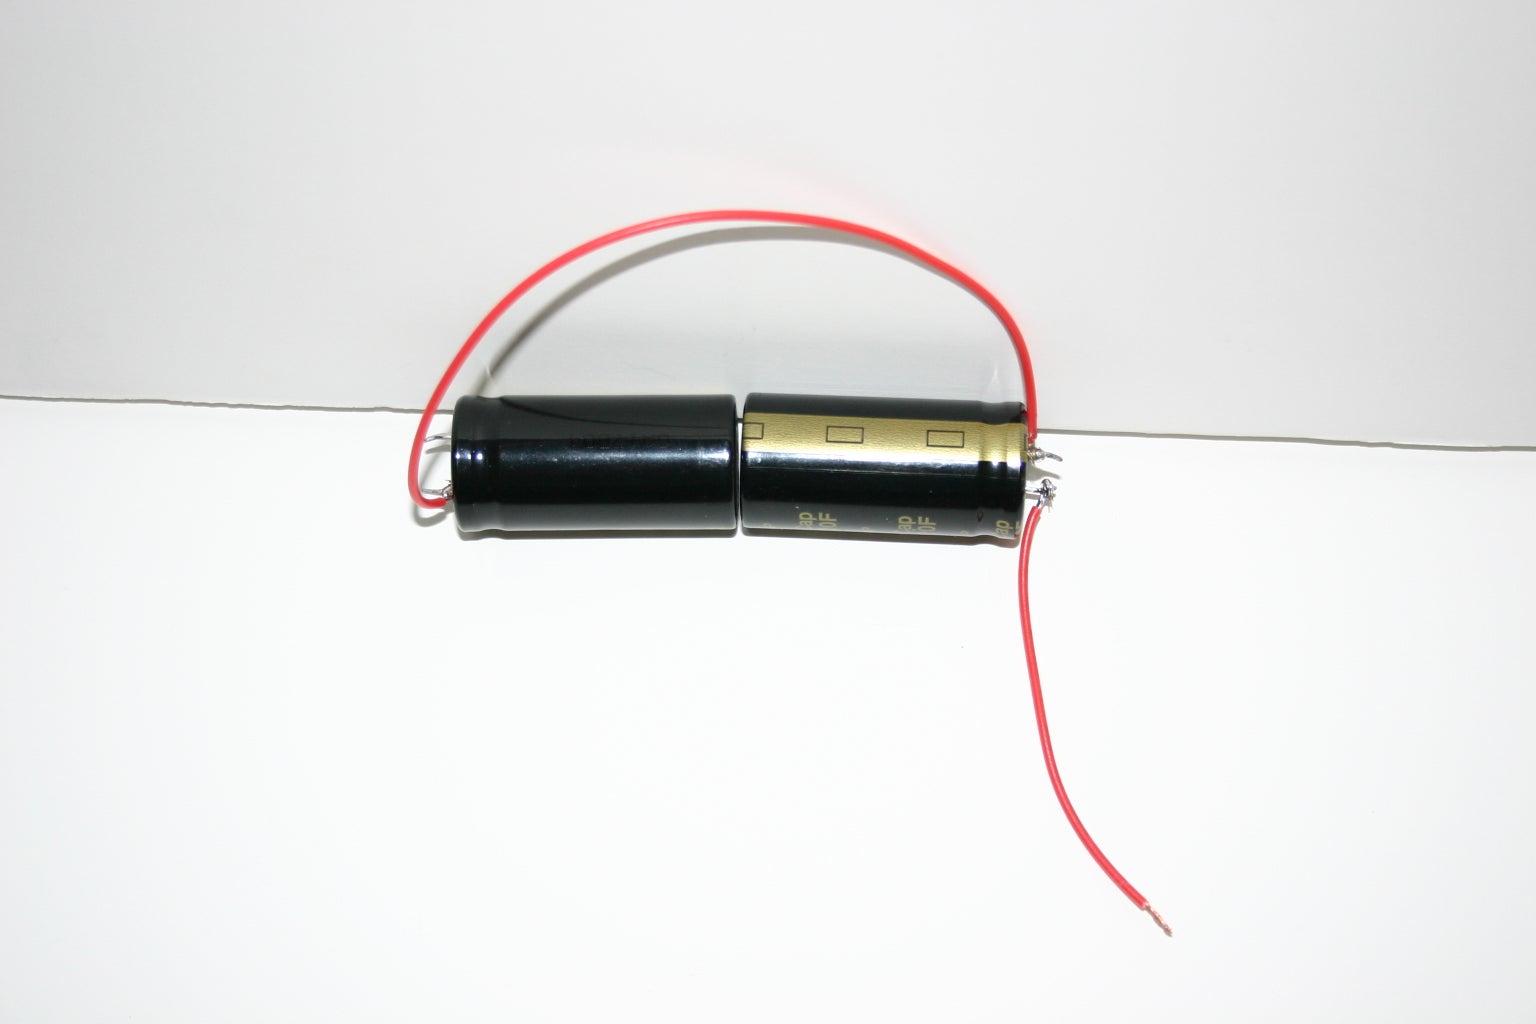 Solder Wire to (+)